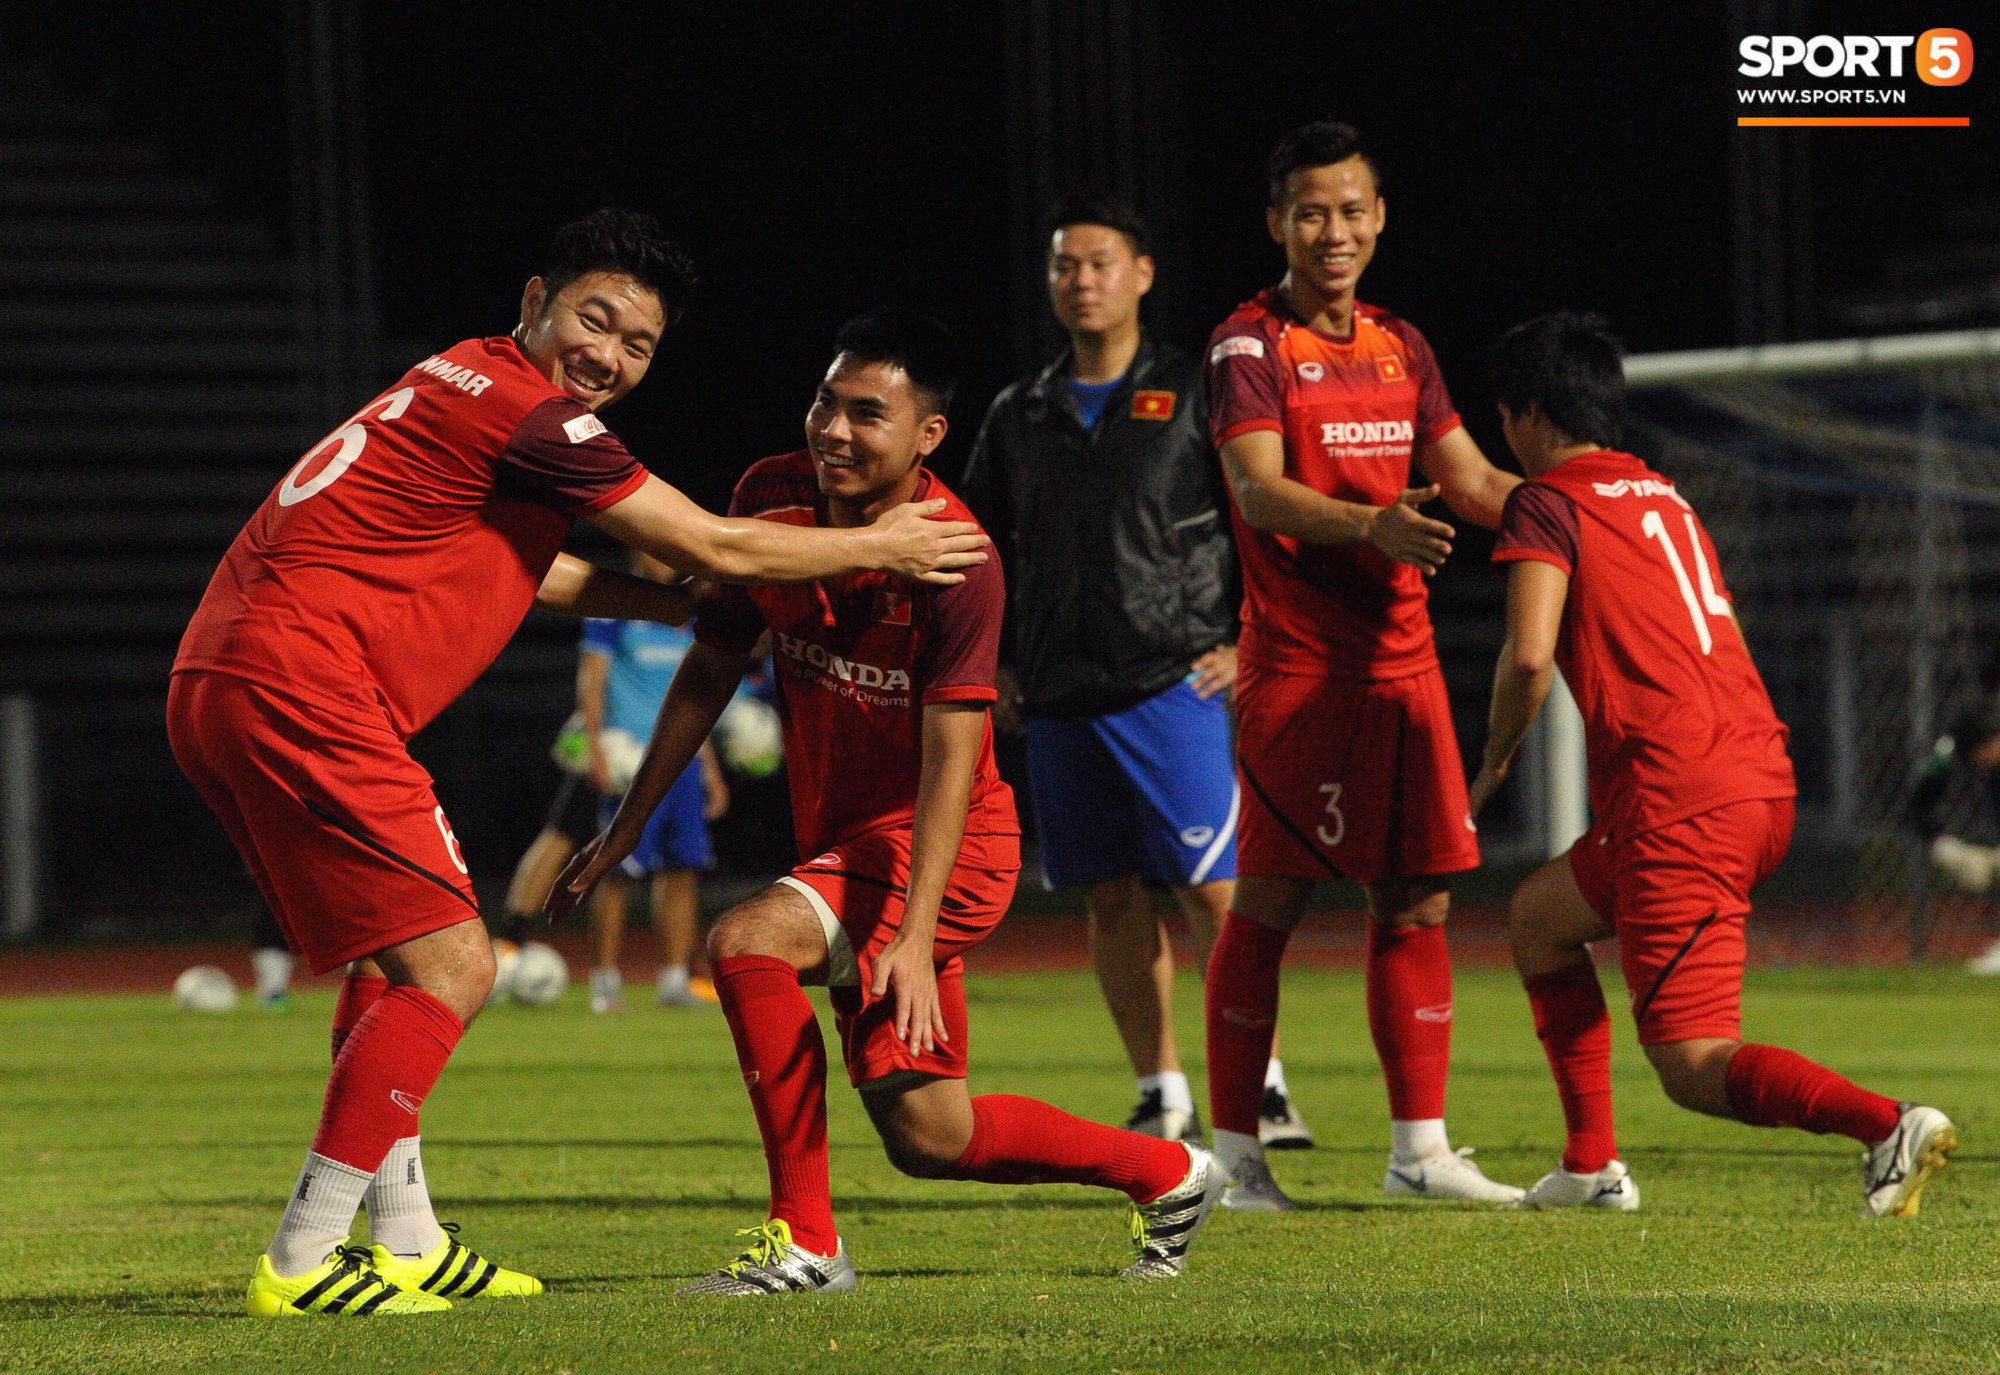 Xuân Trường táng Đức Huy không trượt phát nào trong buổi tập trước trận gặp Thái Lan - Ảnh 6.